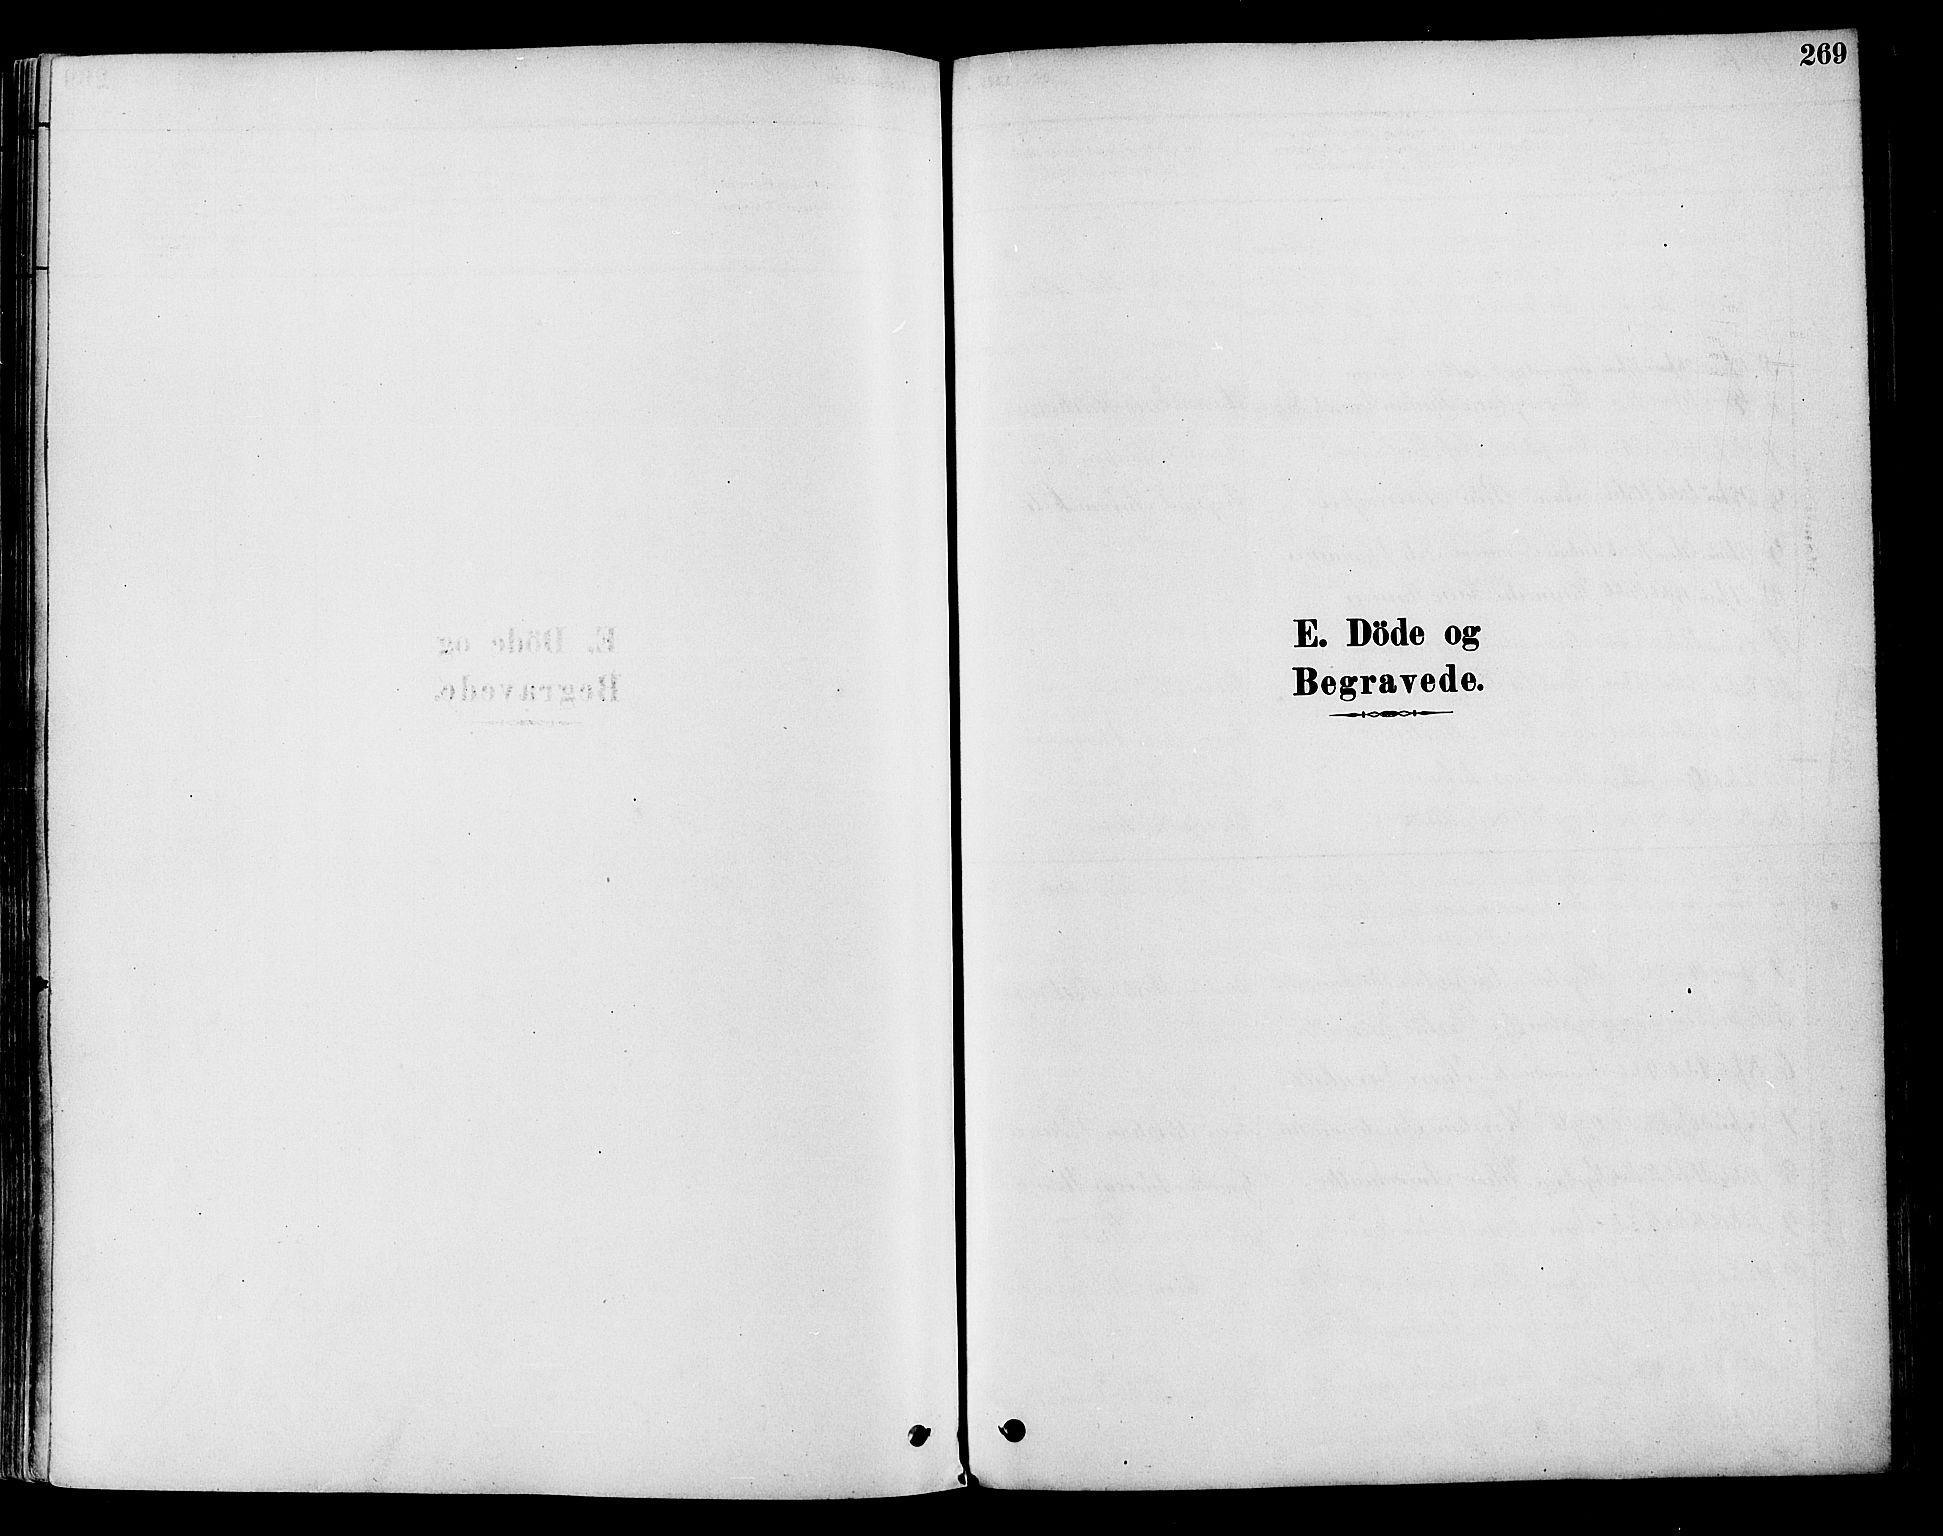 SAH, Vestre Toten prestekontor, Ministerialbok nr. 9, 1878-1894, s. 269